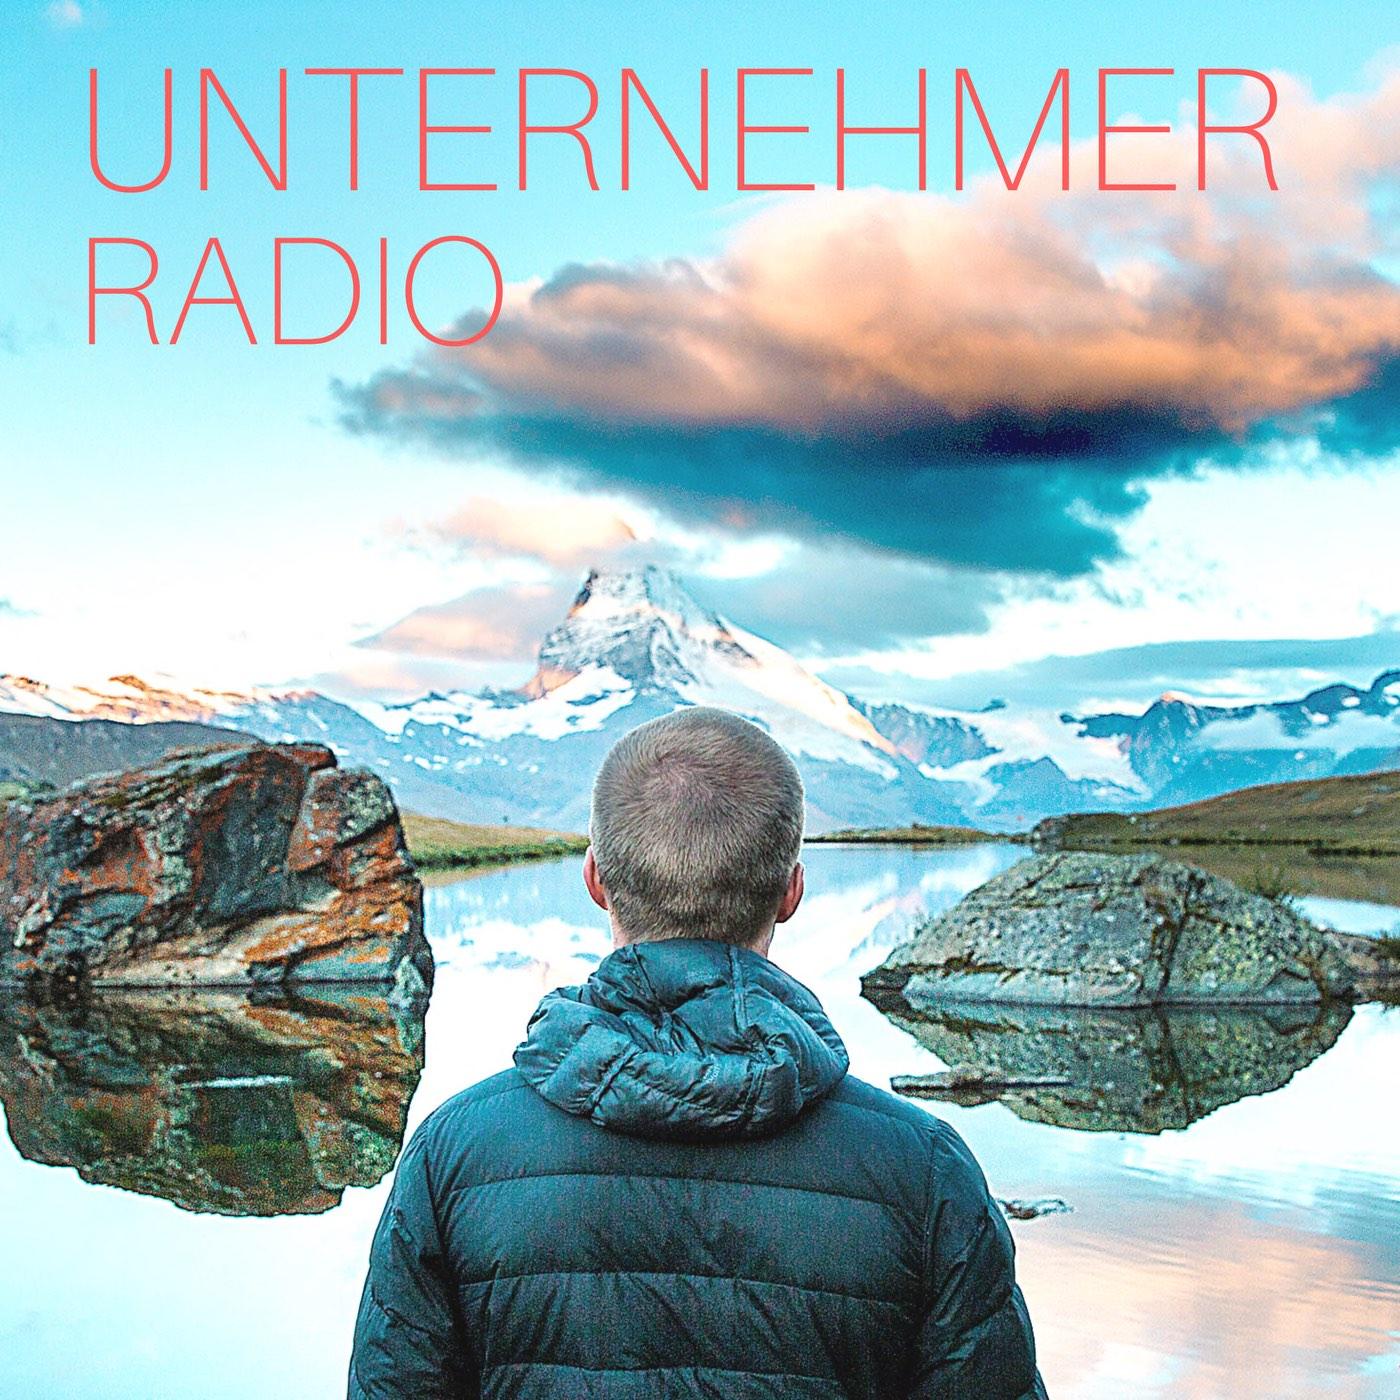 Firma verkaufen! Unternehmensnachfolge und Digitalisierung  - Das Unternehmer Radio show art